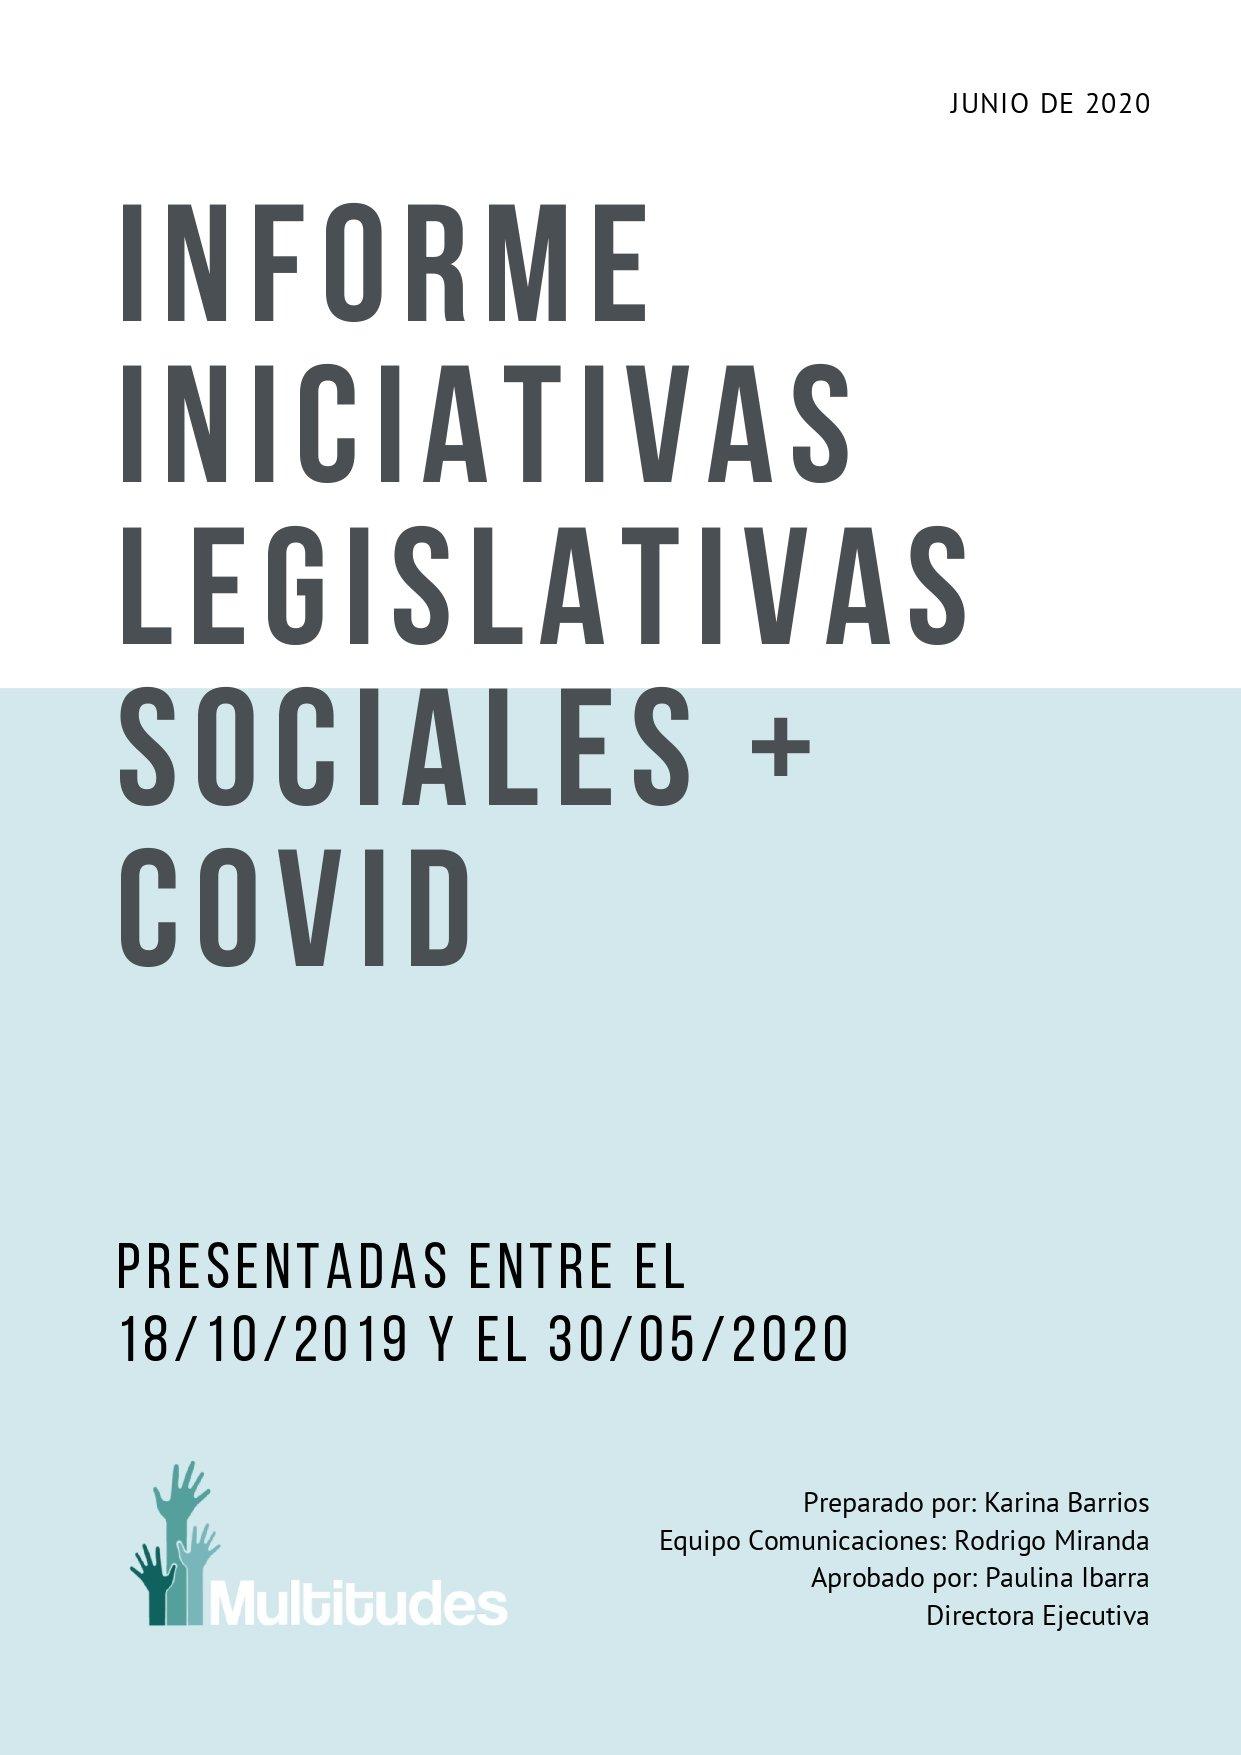 Iniciativas Legislativas COVID 2020_page-0001